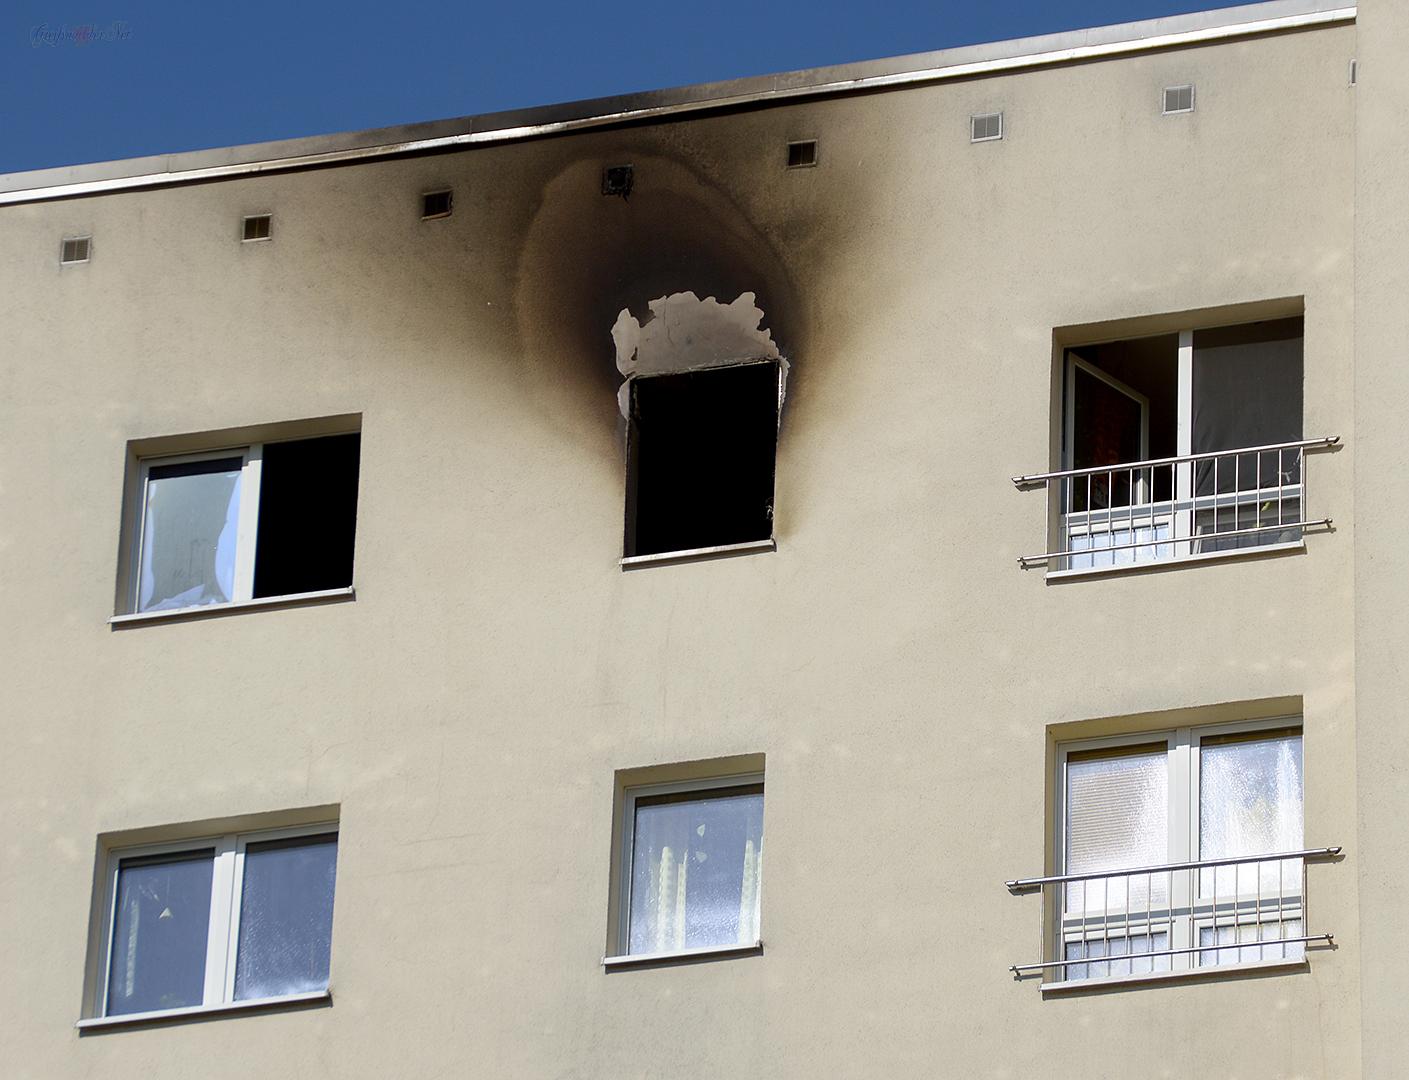 Tag nach dem Wohnungsbrand in der Lomonossowallee in Greifswald